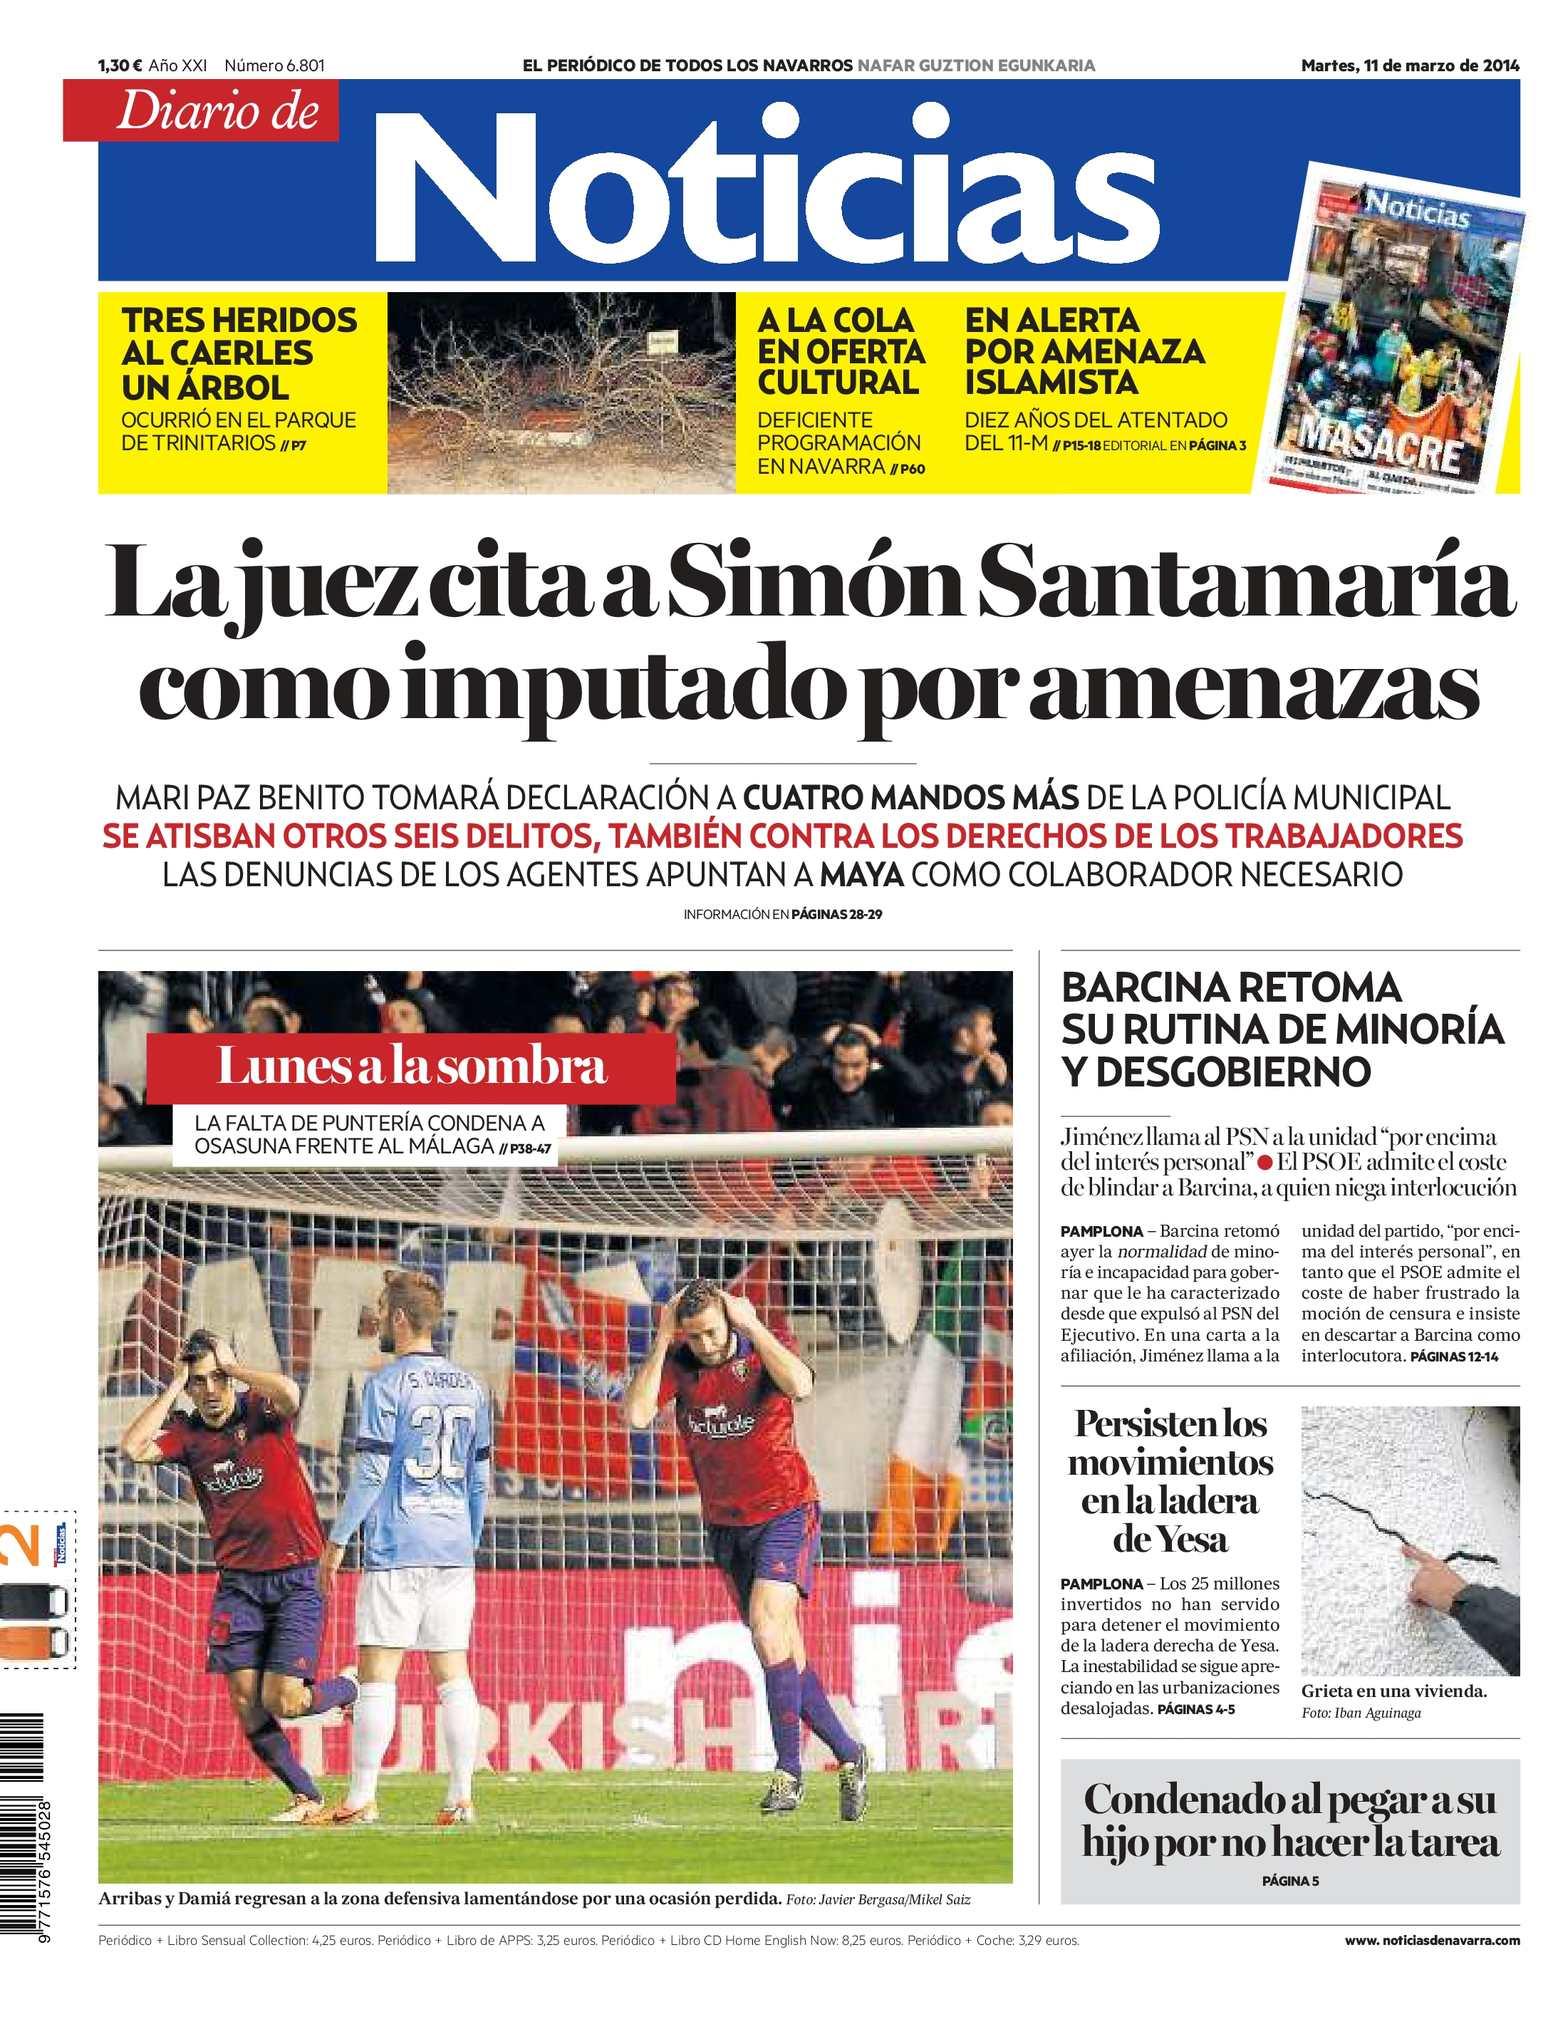 2d99999d8 Calaméo - Diario de Noticias 20140311